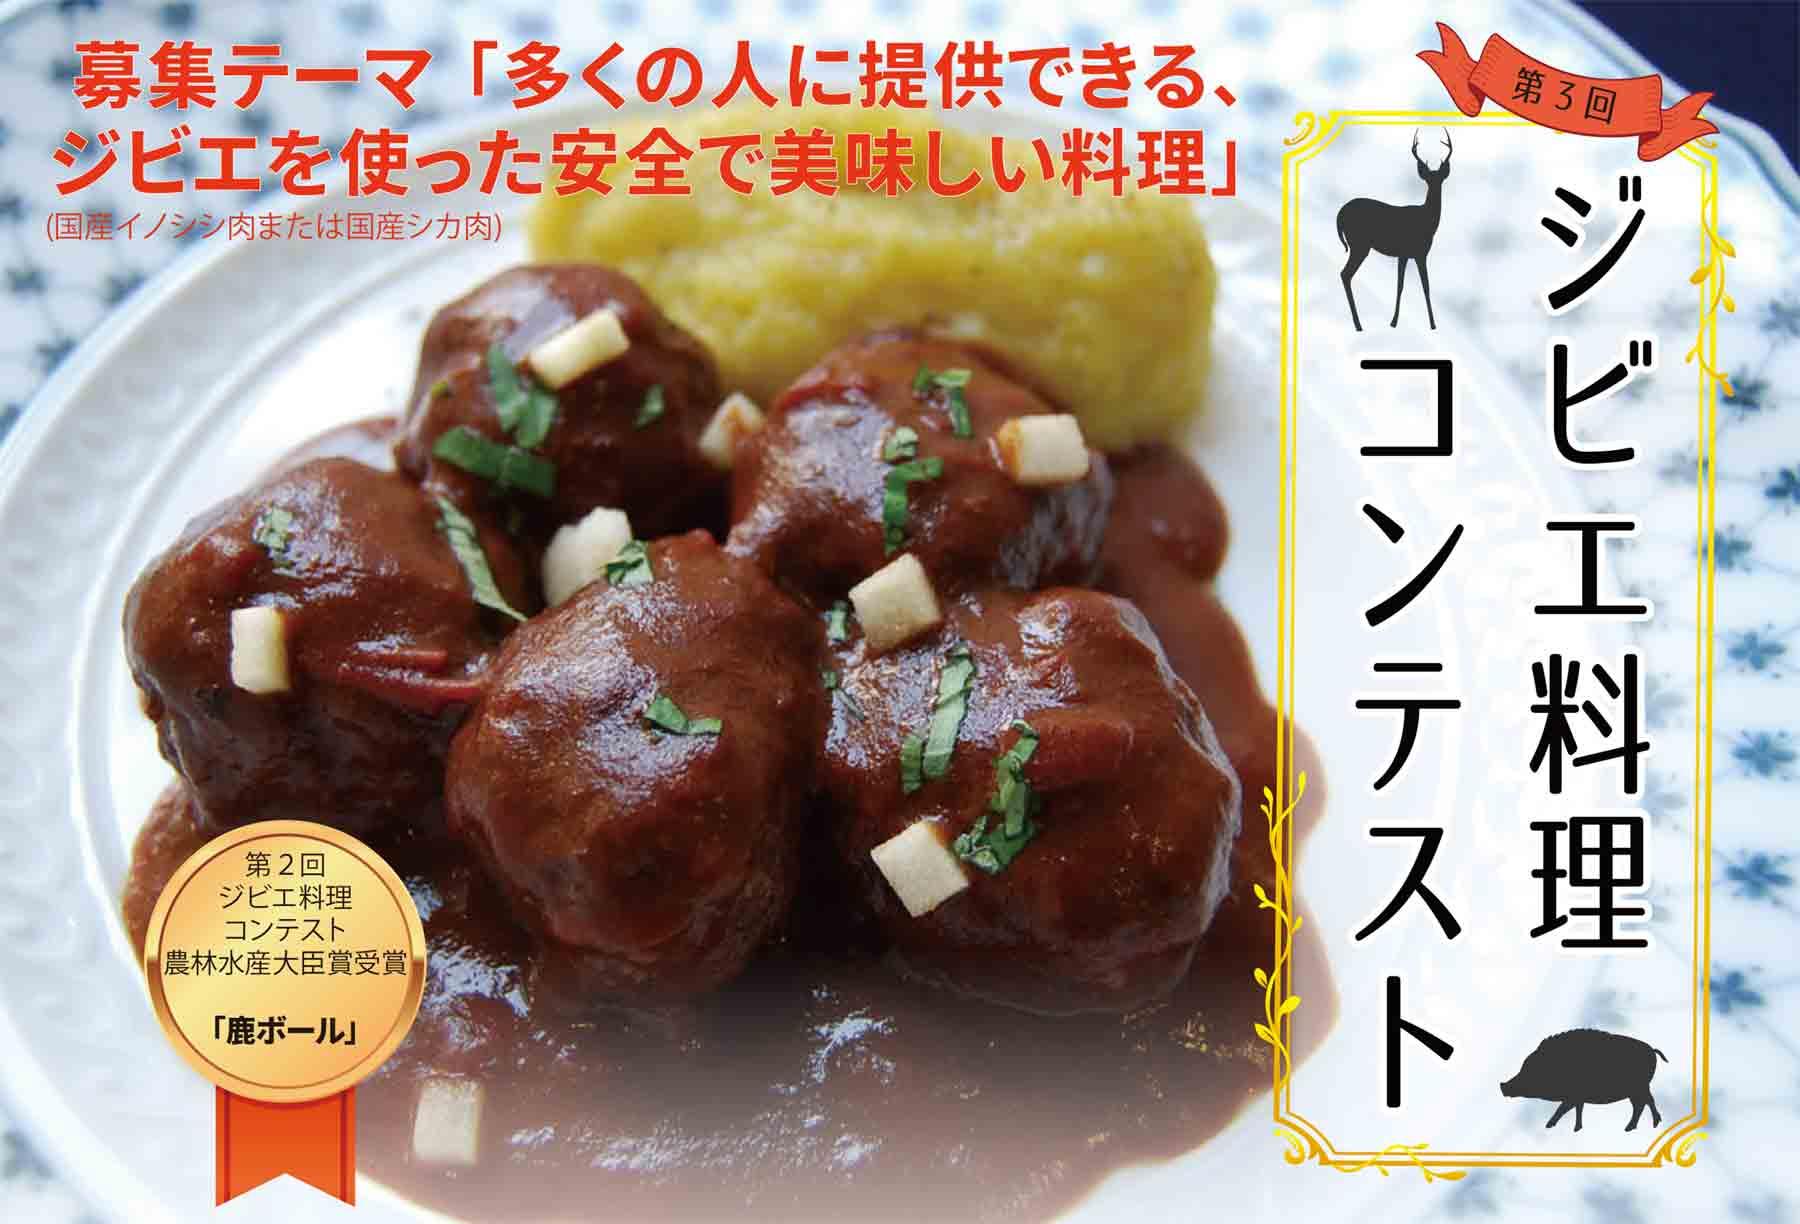 第3回ジビエ料理コンテスト